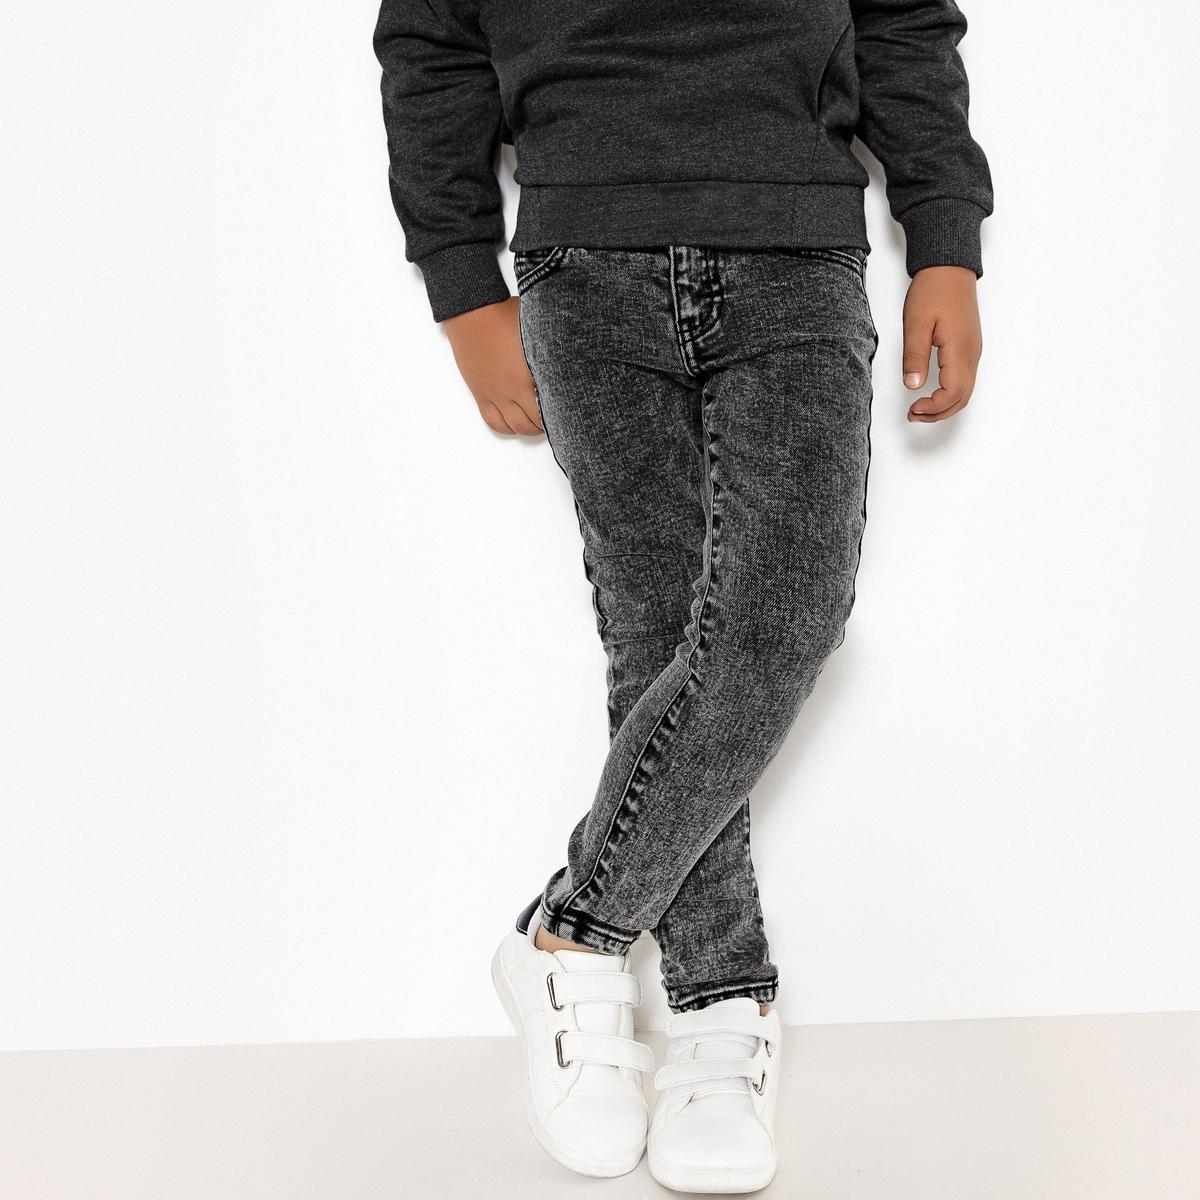 Джинсы узкие серого цвета, 3-12 лет джинсы boyfit 3 12 лет